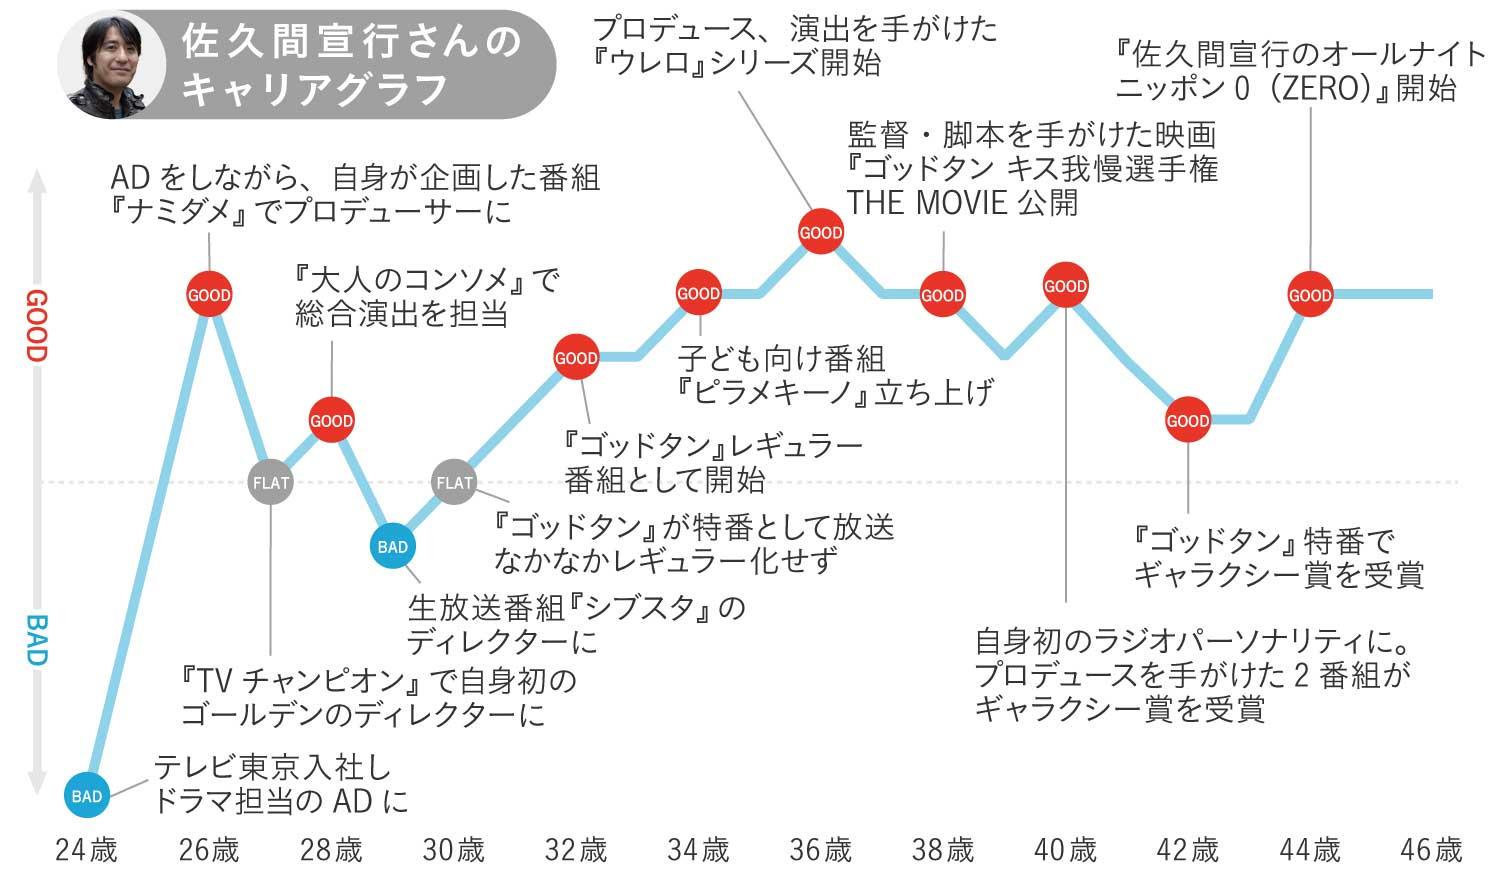 佐久間宣行さんのキャリアグラフ1